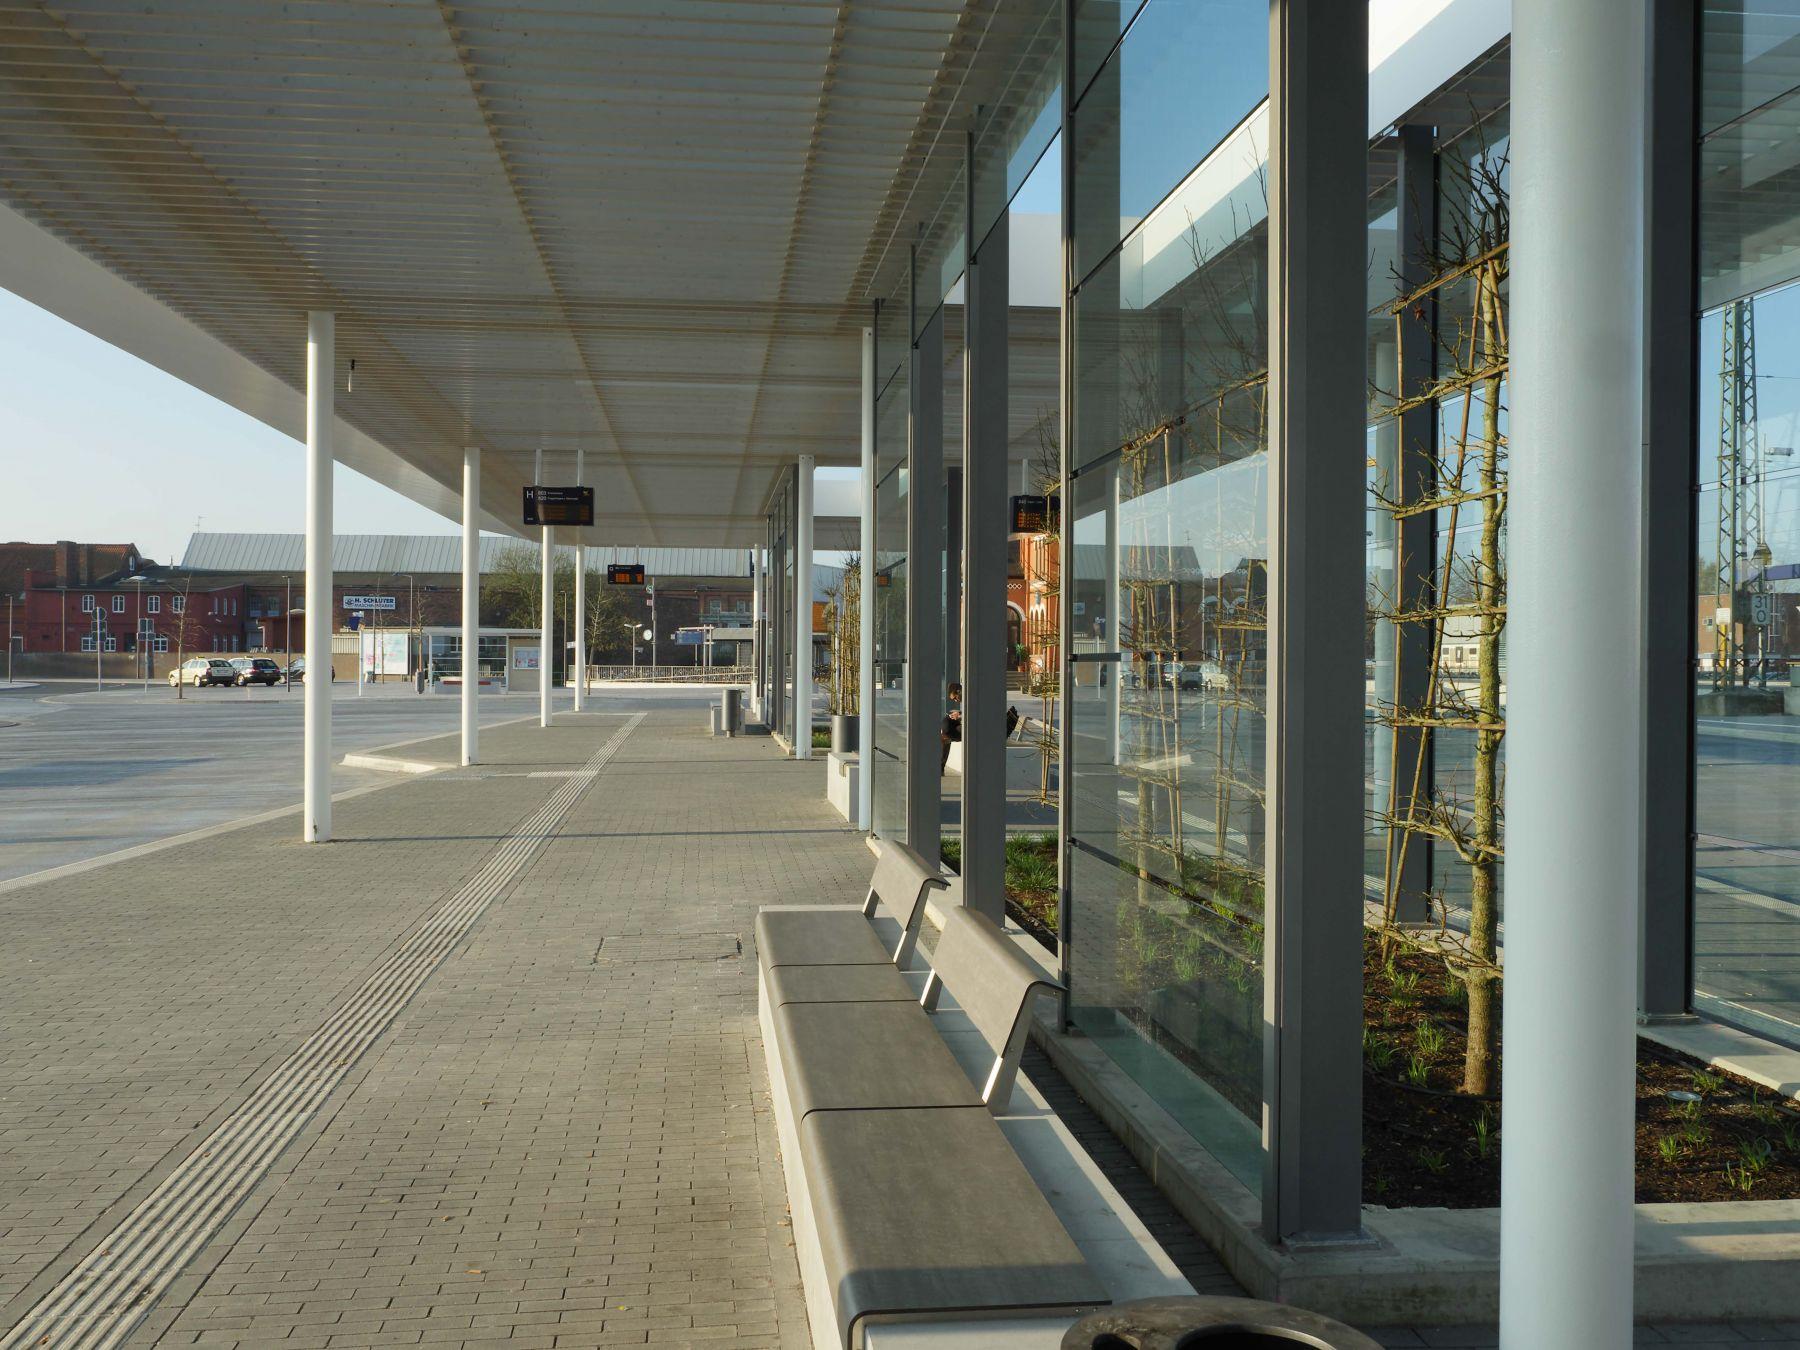 Dach und Servicegebäude am ZOB Neustadt-Rbge